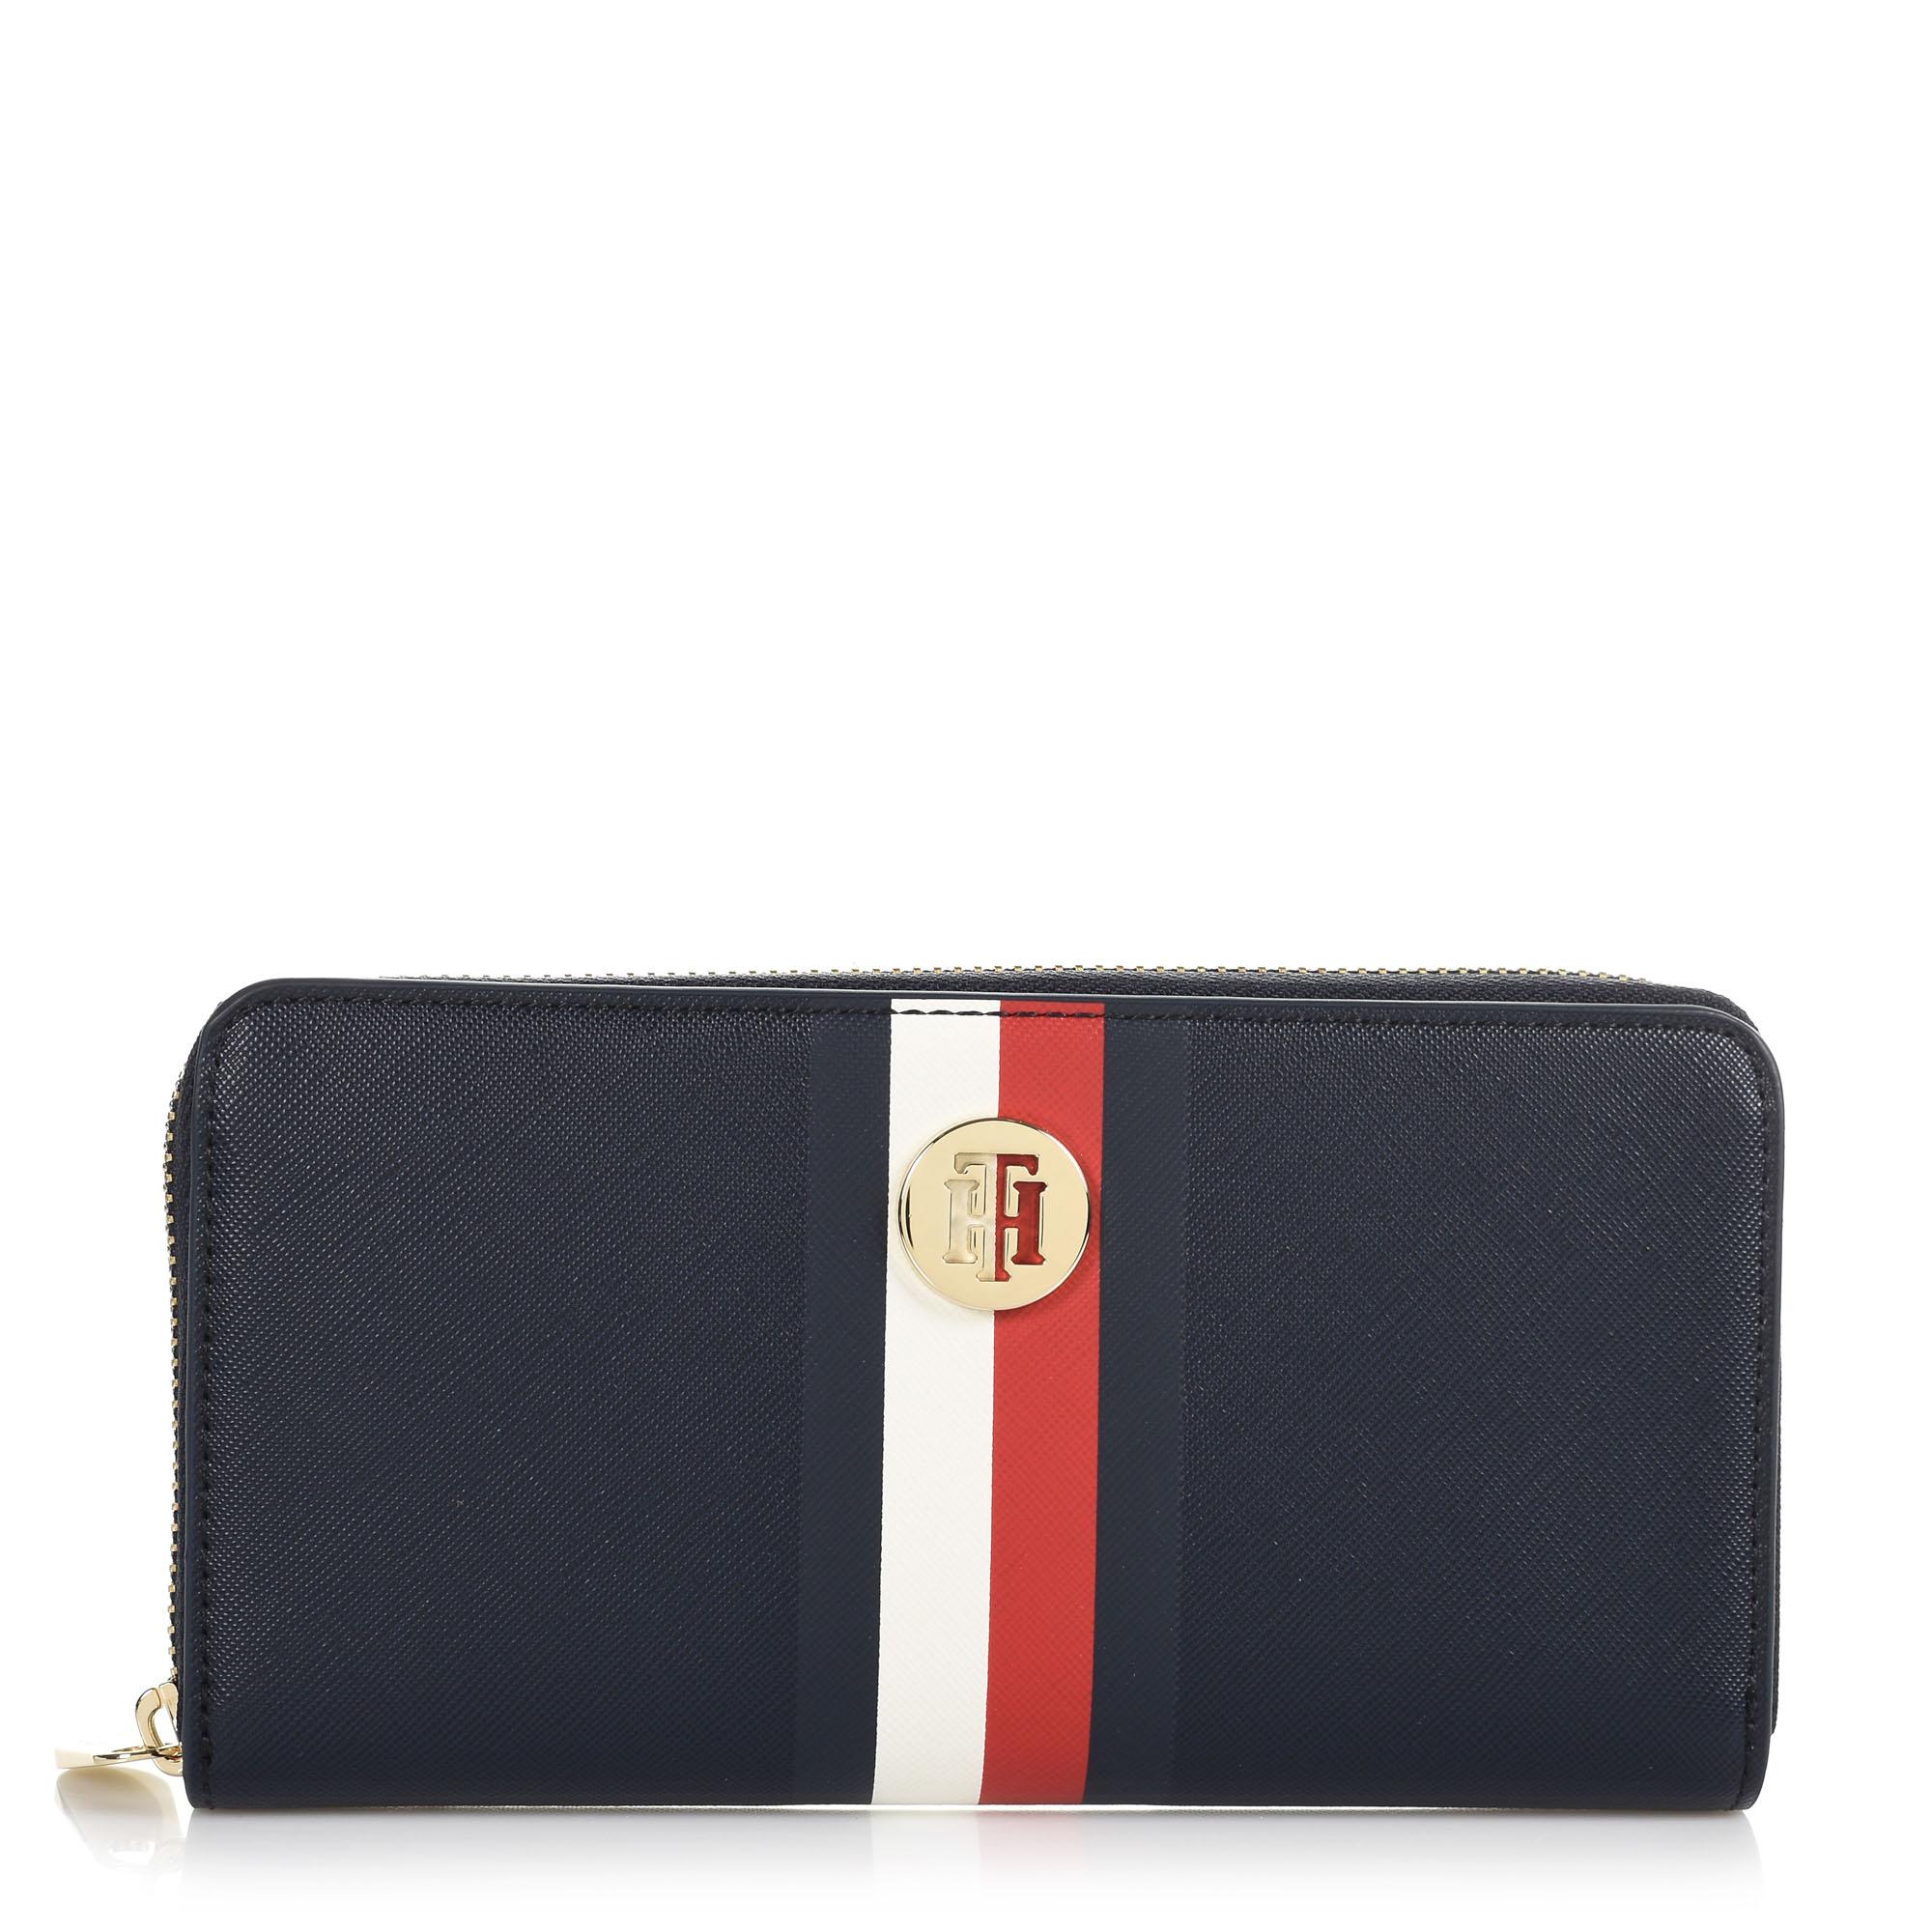 Γυναικείο πορτοφόλι Tommy Hilfiger W06491